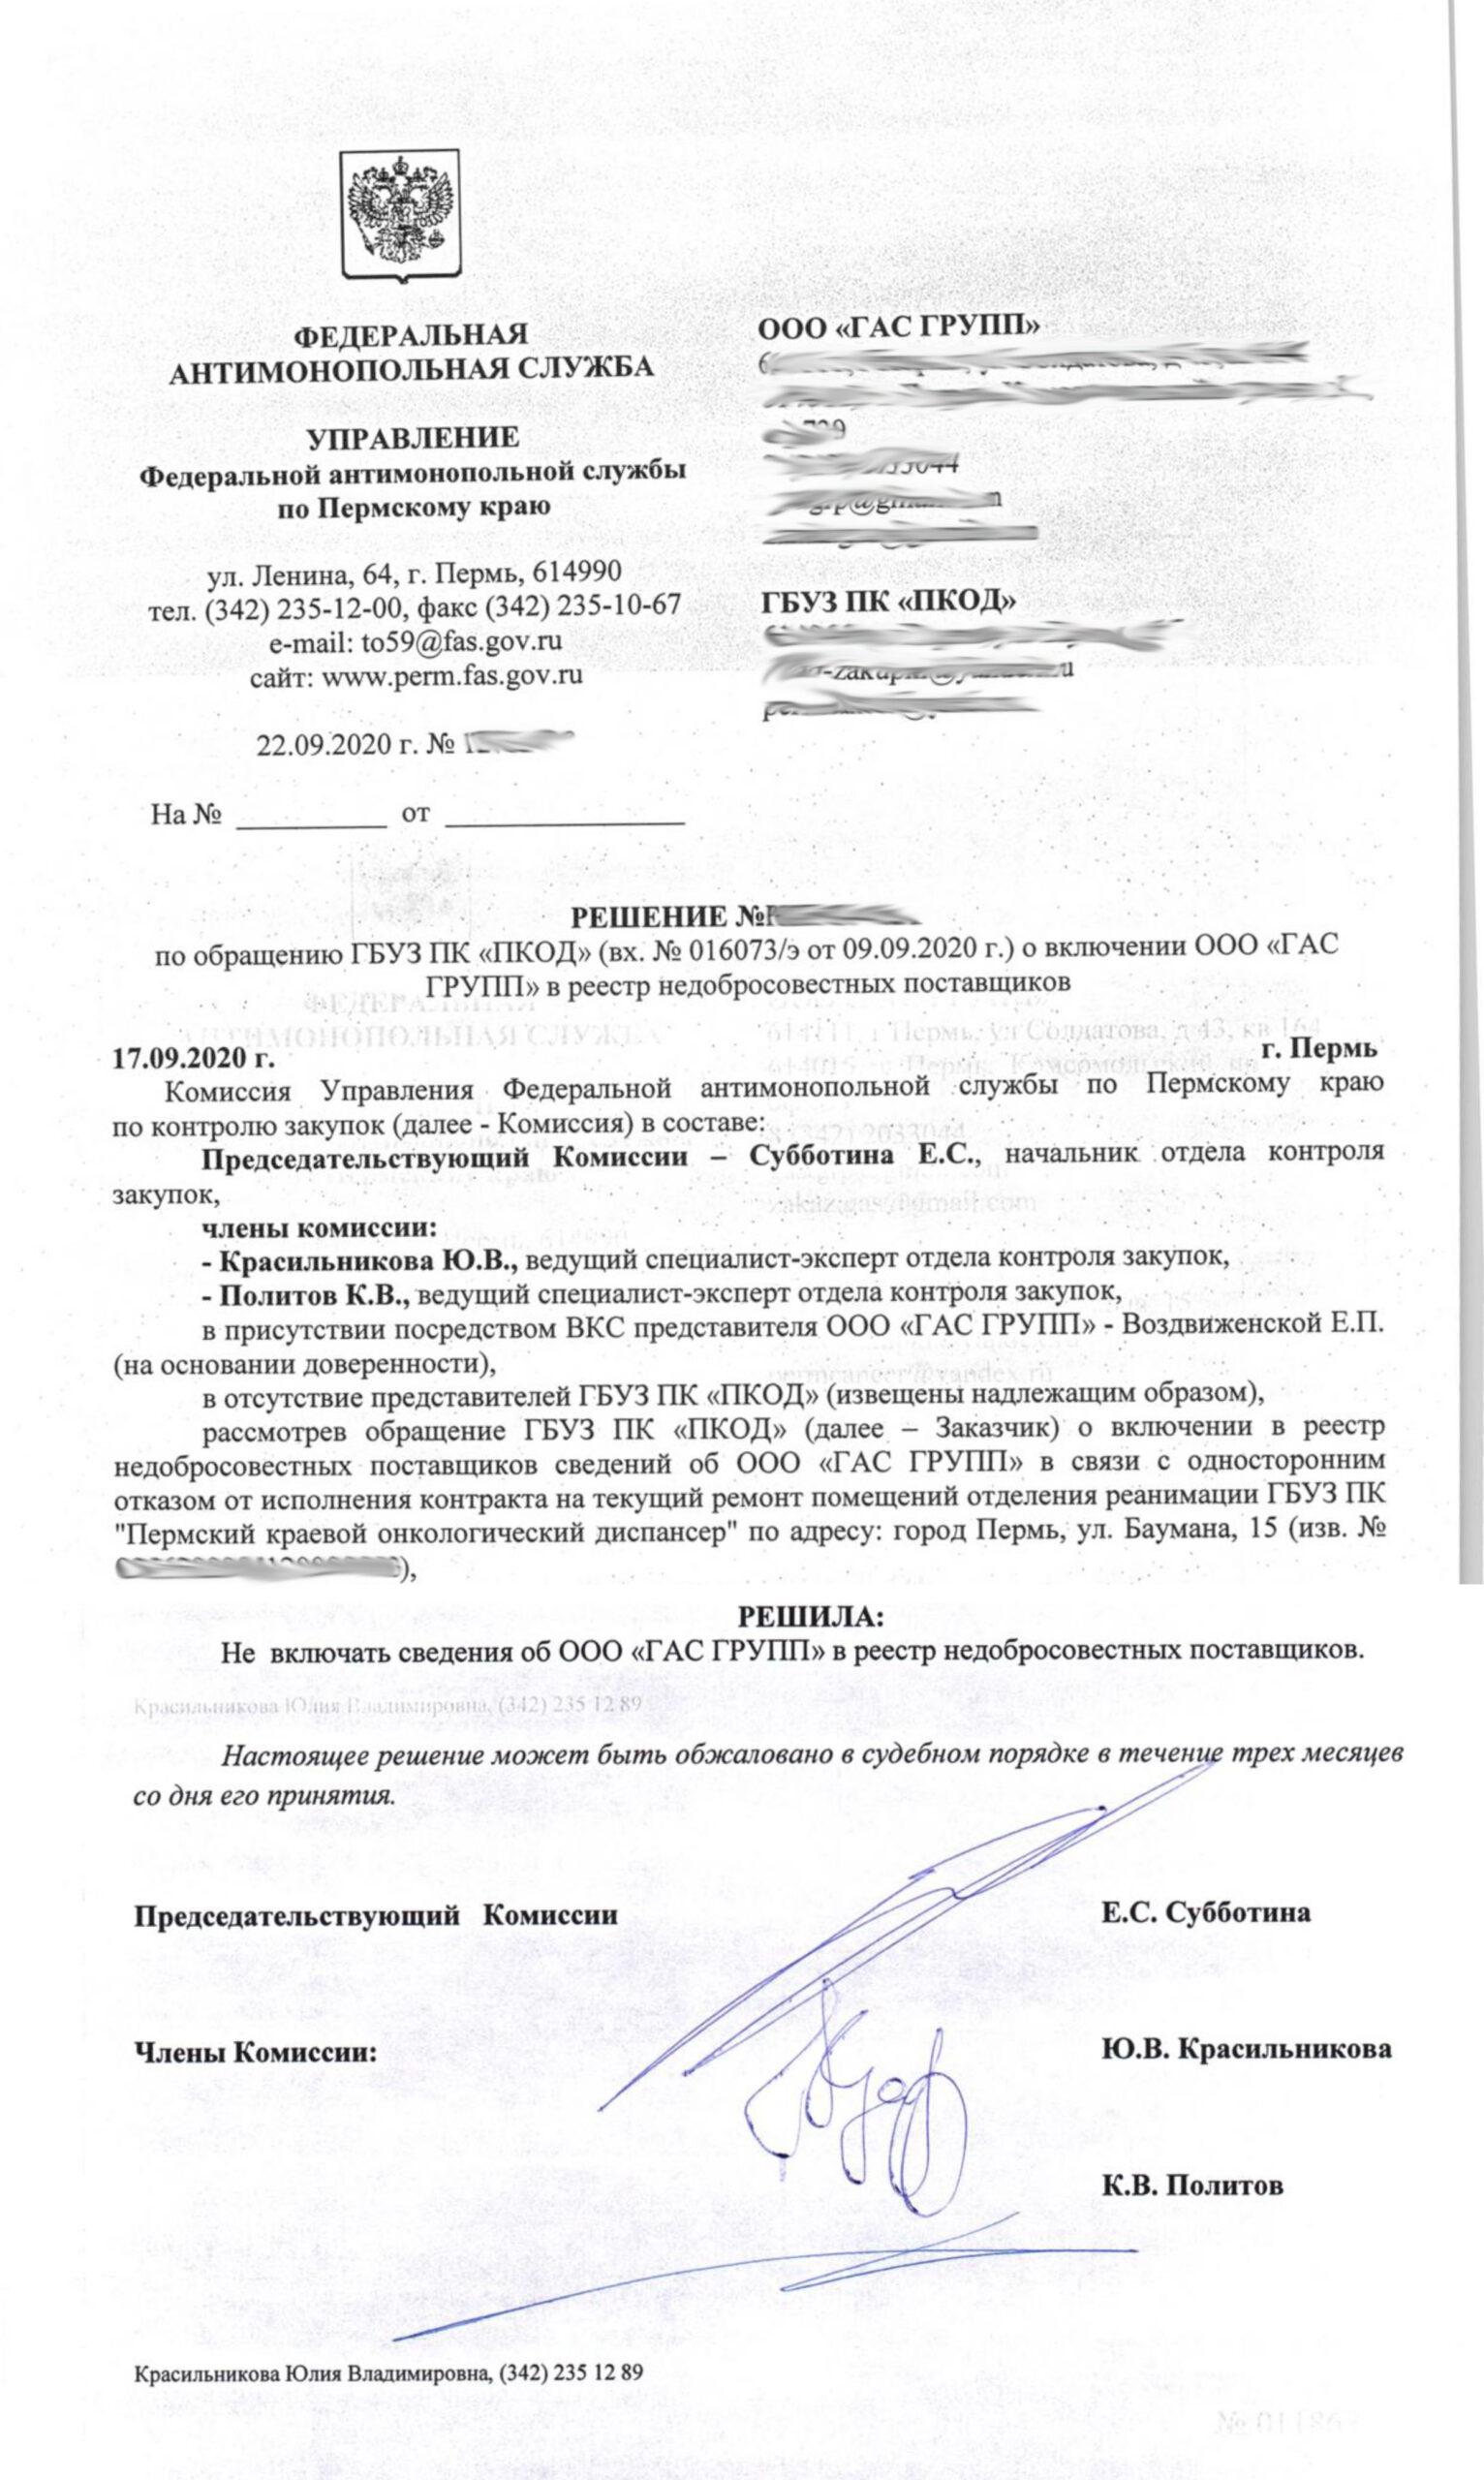 Пермский УФАС ООО ГАС ГРУПП